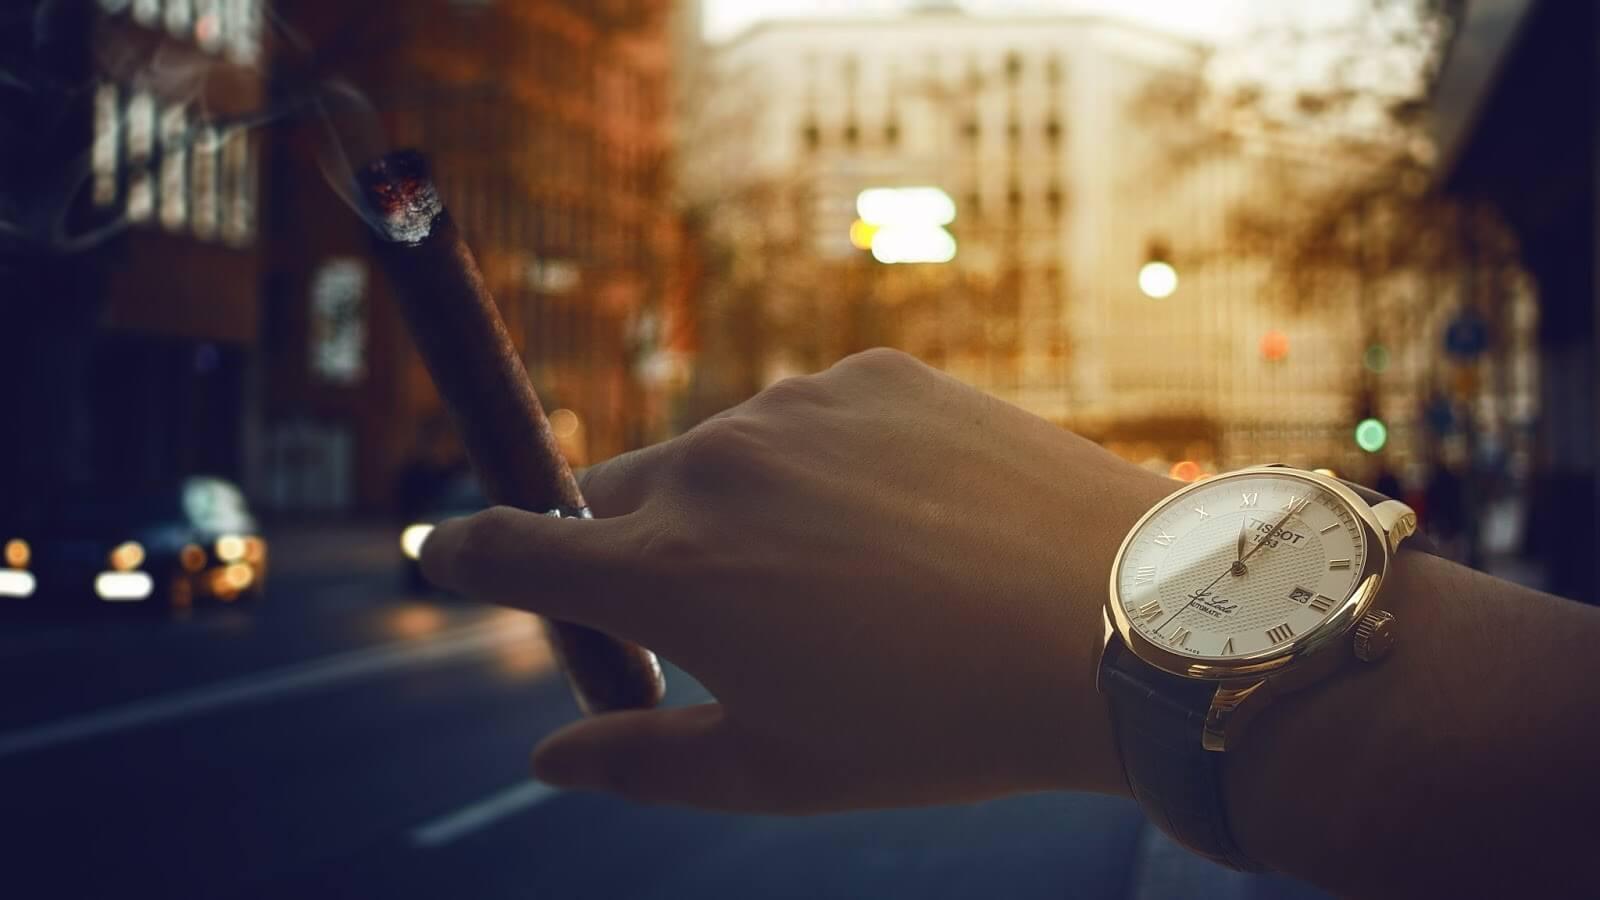 3 mẫu đồng hồ tissot 1853 nam chính hãng được săn đón nhất hiện nay